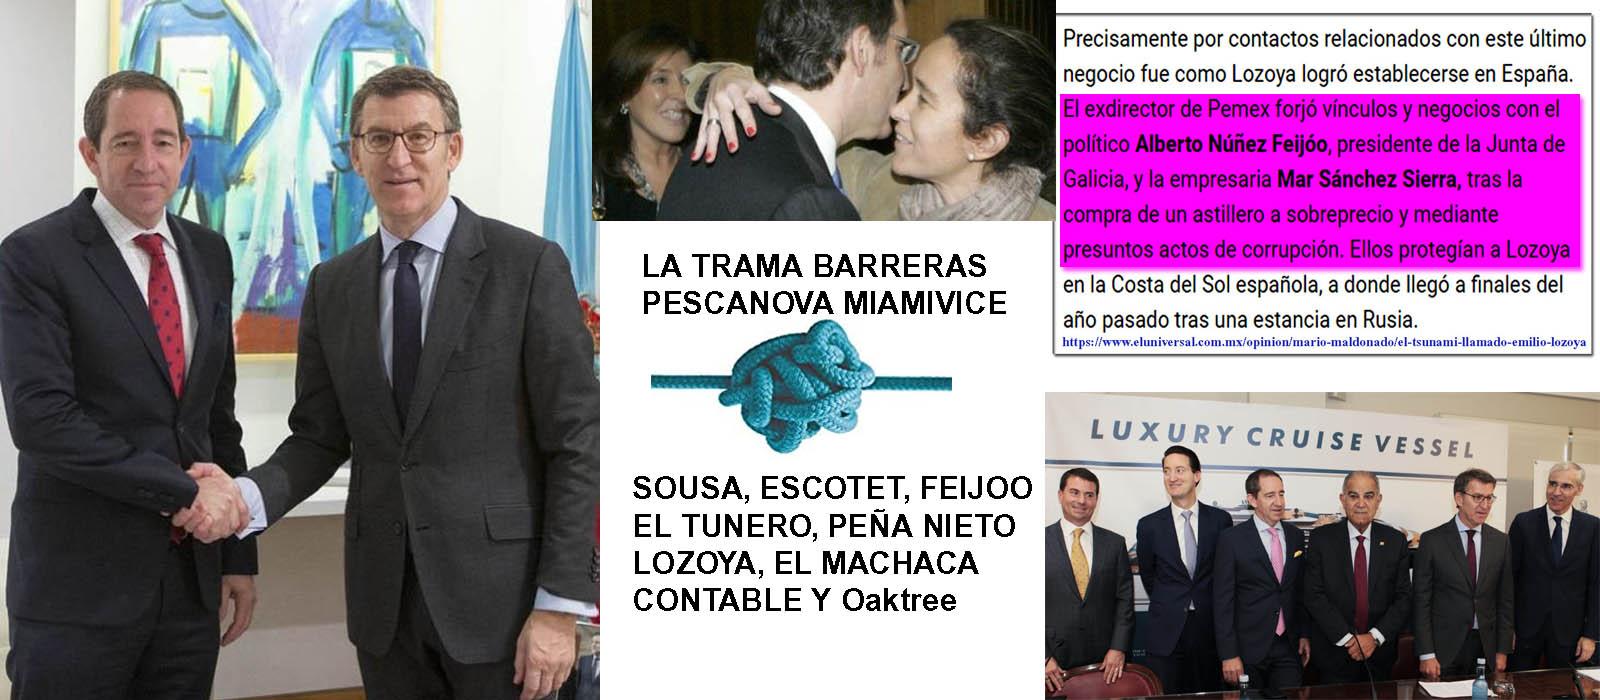 """Astilleros Barreras, Pescanova mismos cabecillas, MISMO """"modus operandi""""  liderados por Feijóo Y Mar Sánchez Sierra, a través de los fondos buitre,  bancos, y ordenes desde Miami Vice. - Xornal Galicia"""